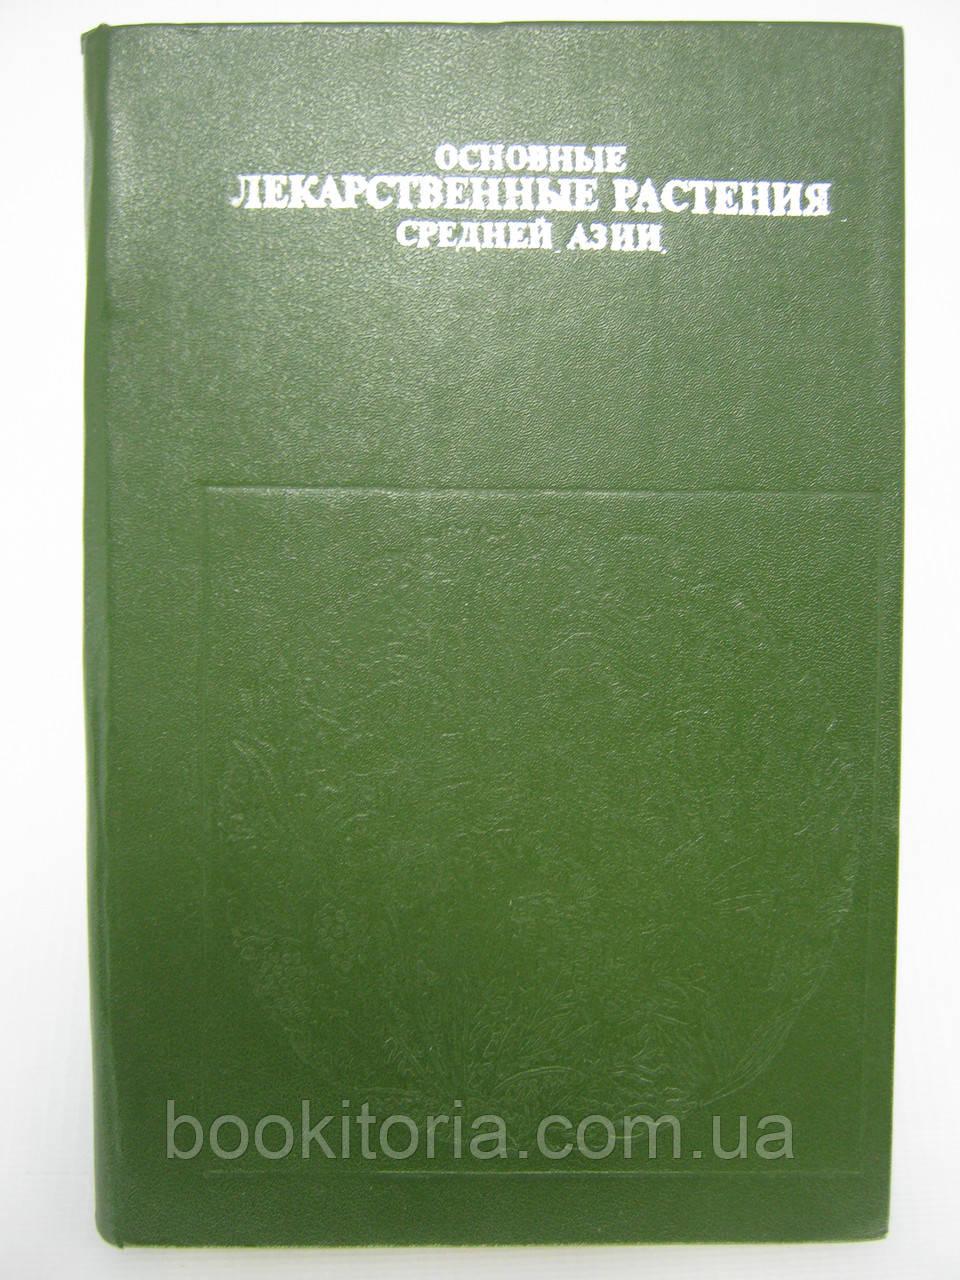 Халматов Х.Х. и др. Основные лекарственные растения Средней Азии (б/у).